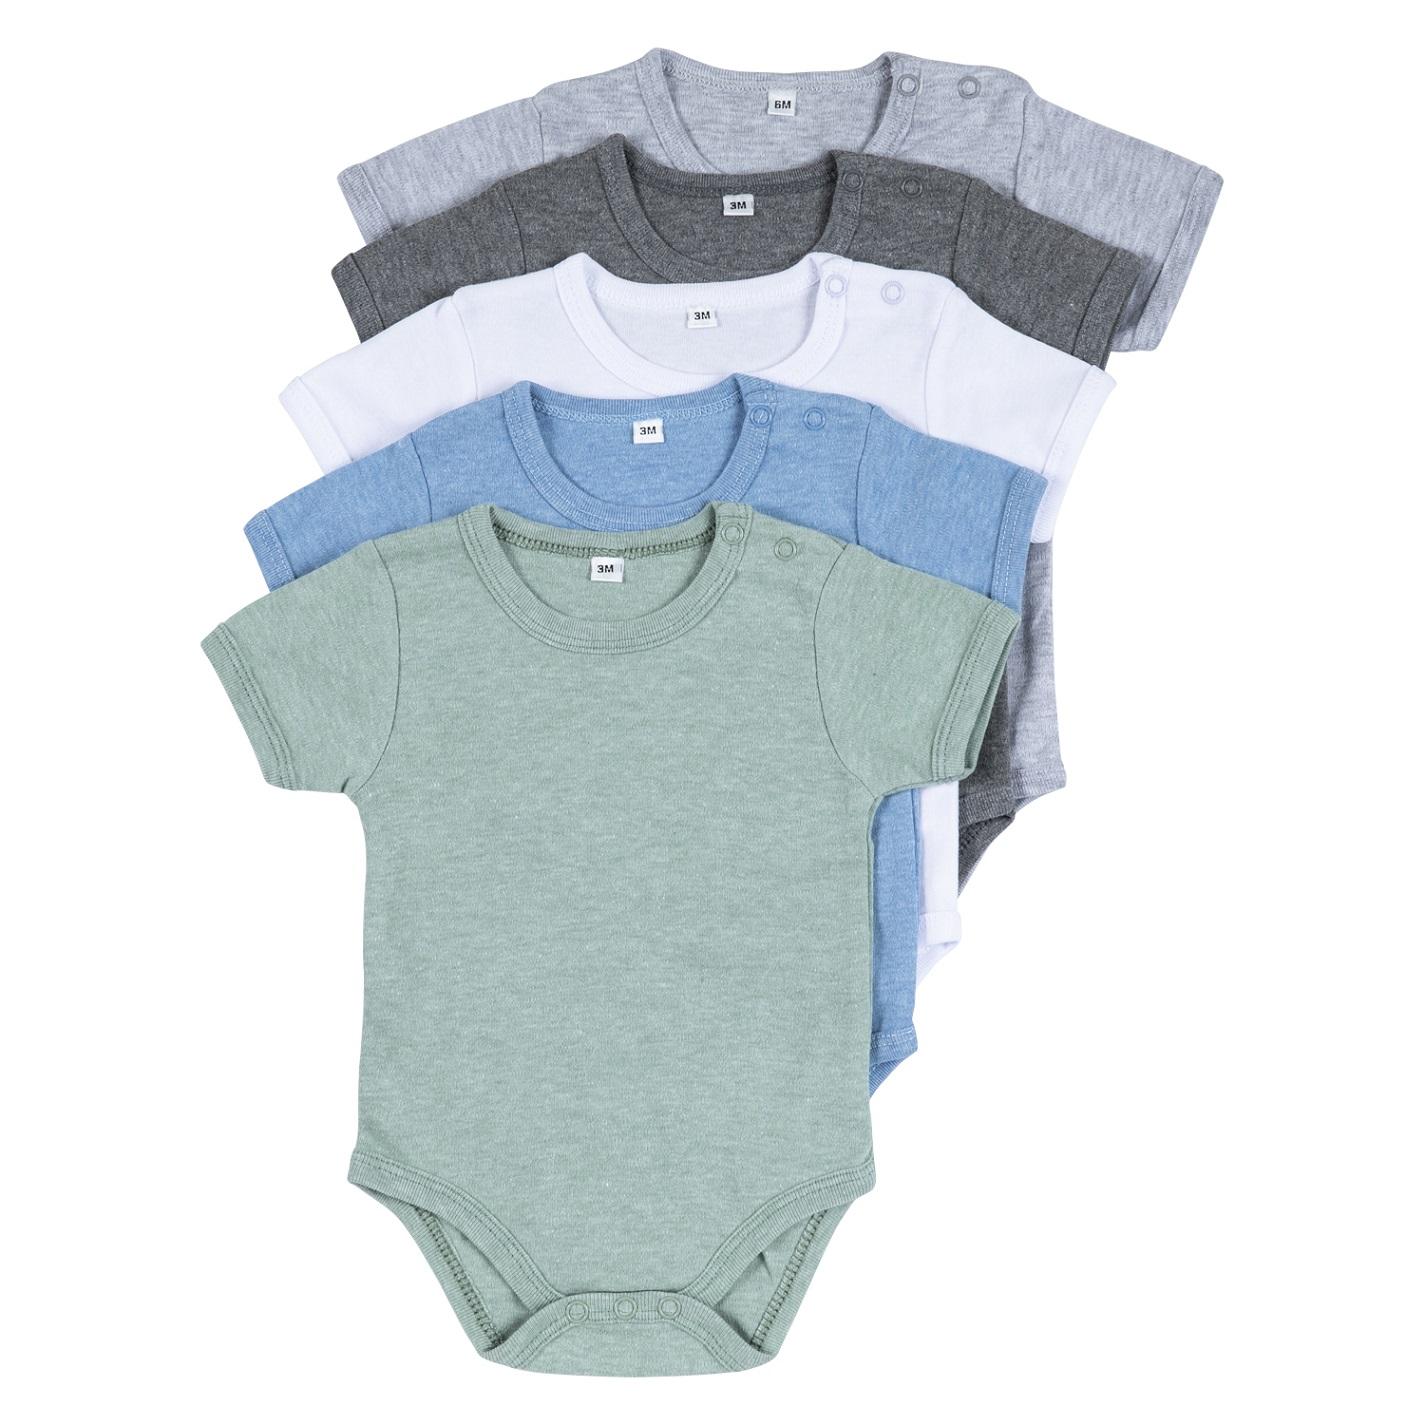 סט חמישיית בגדי גוף אפור-אפור כהה-לבן-כחול-ירוק